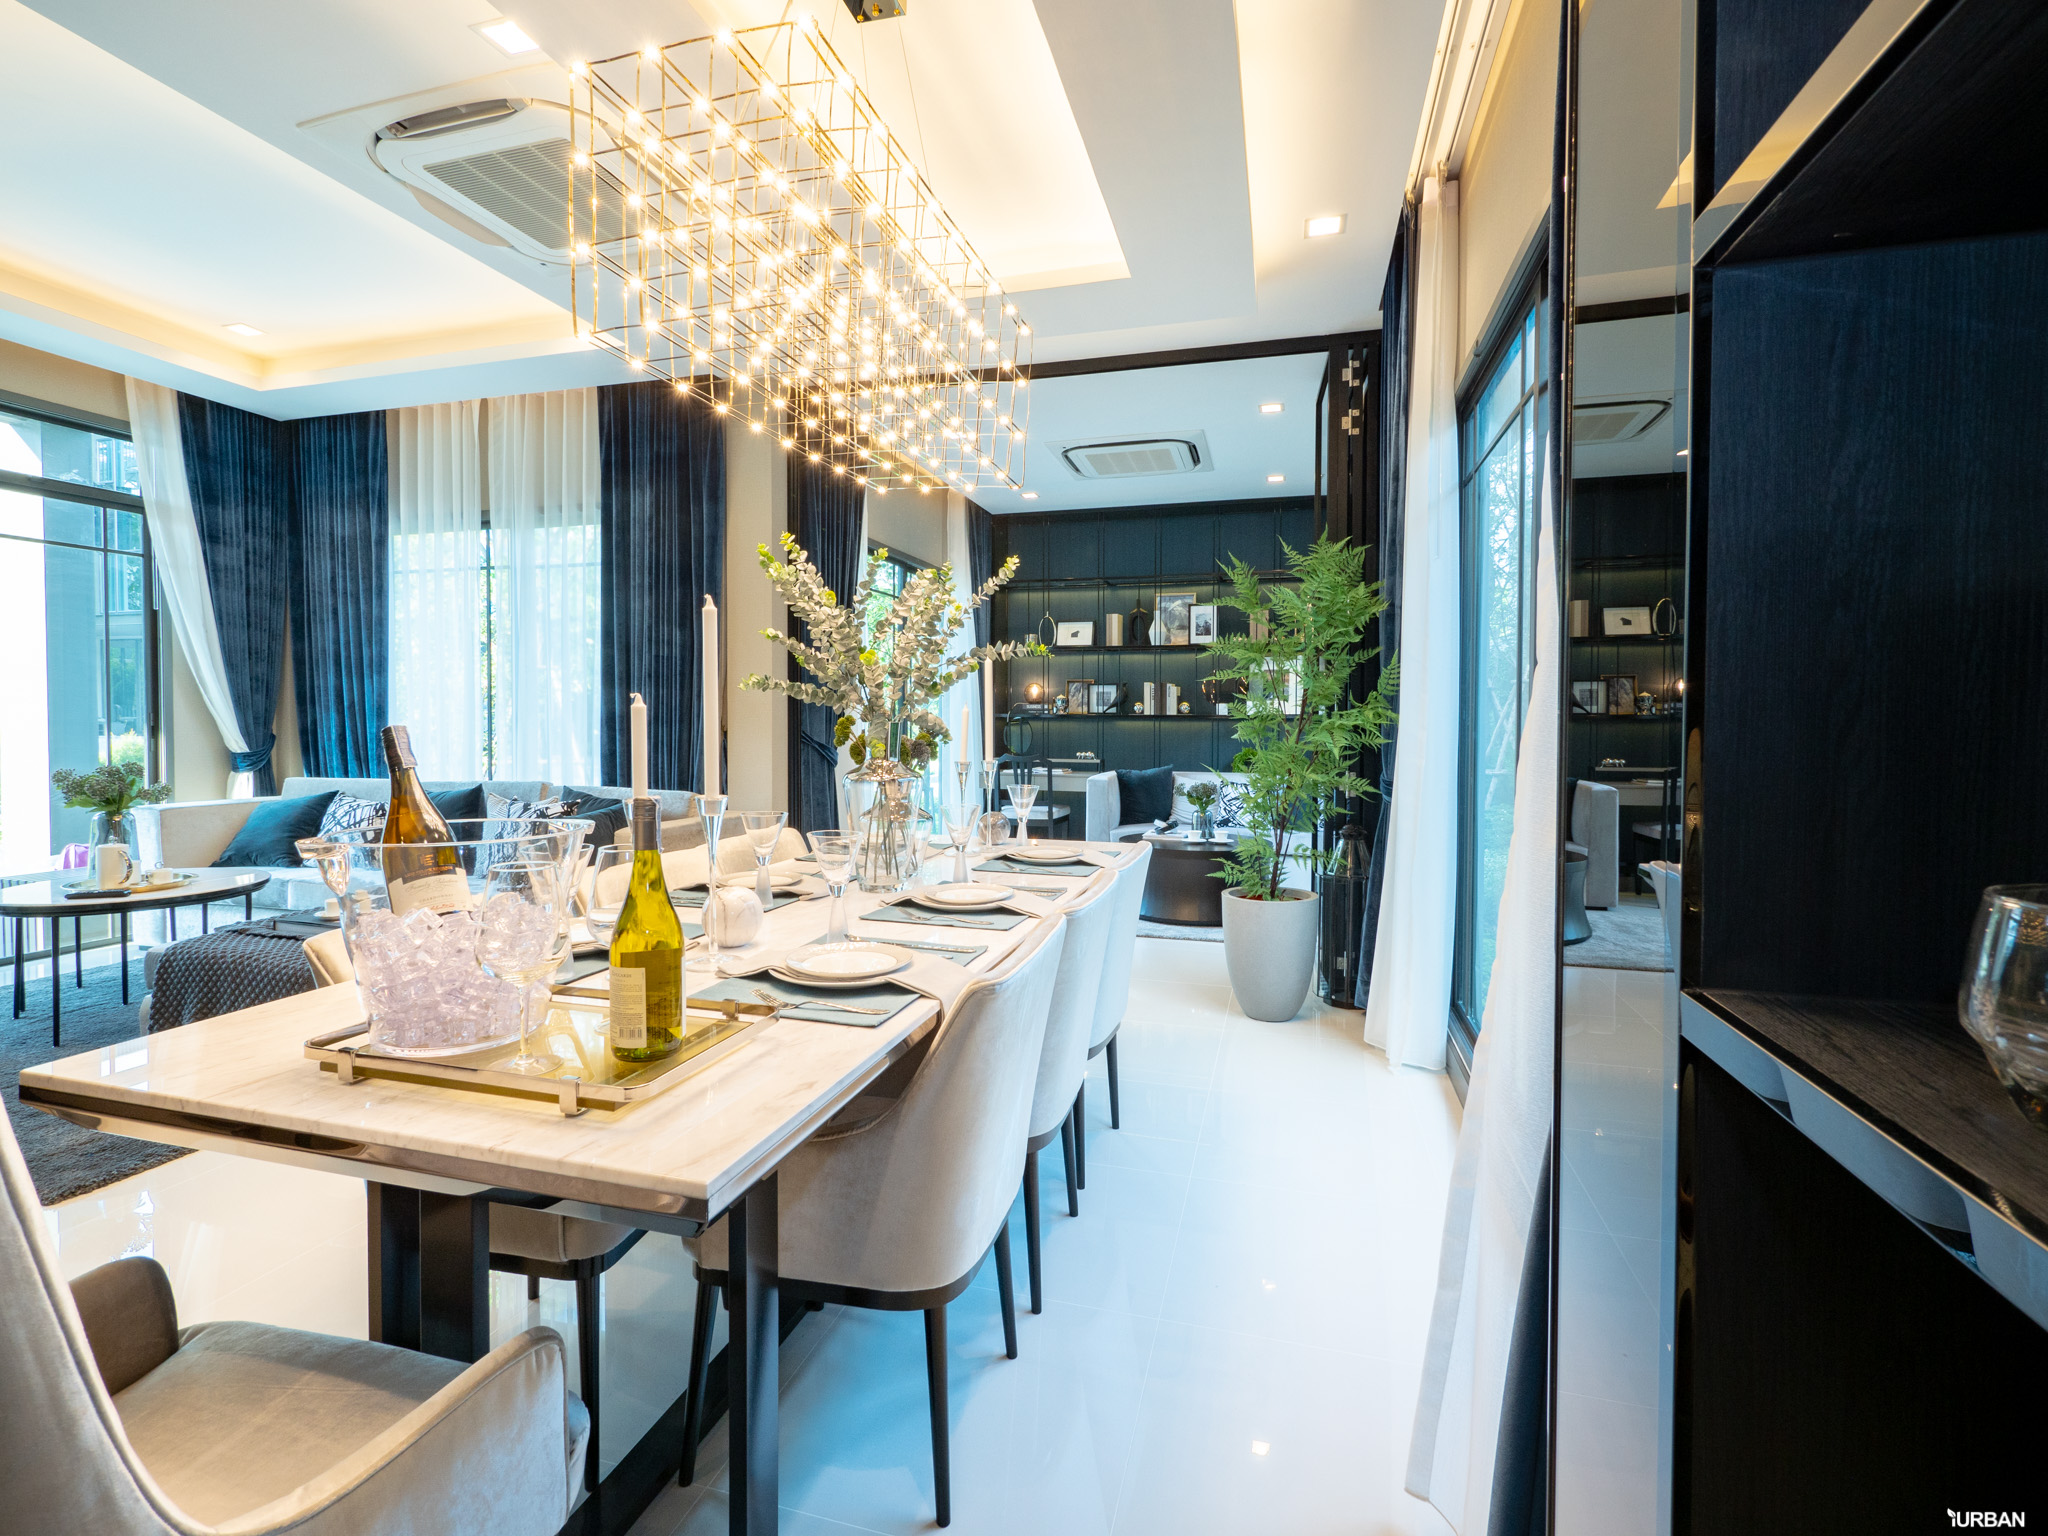 รีวิว บางกอก บูเลอวาร์ด รามอินทรา-เสรีไทย 2 <br>บ้านเดี่ยวสไตล์ Luxury Nordic เพียง 77 ครอบครัว</br> 85 - Boulevard